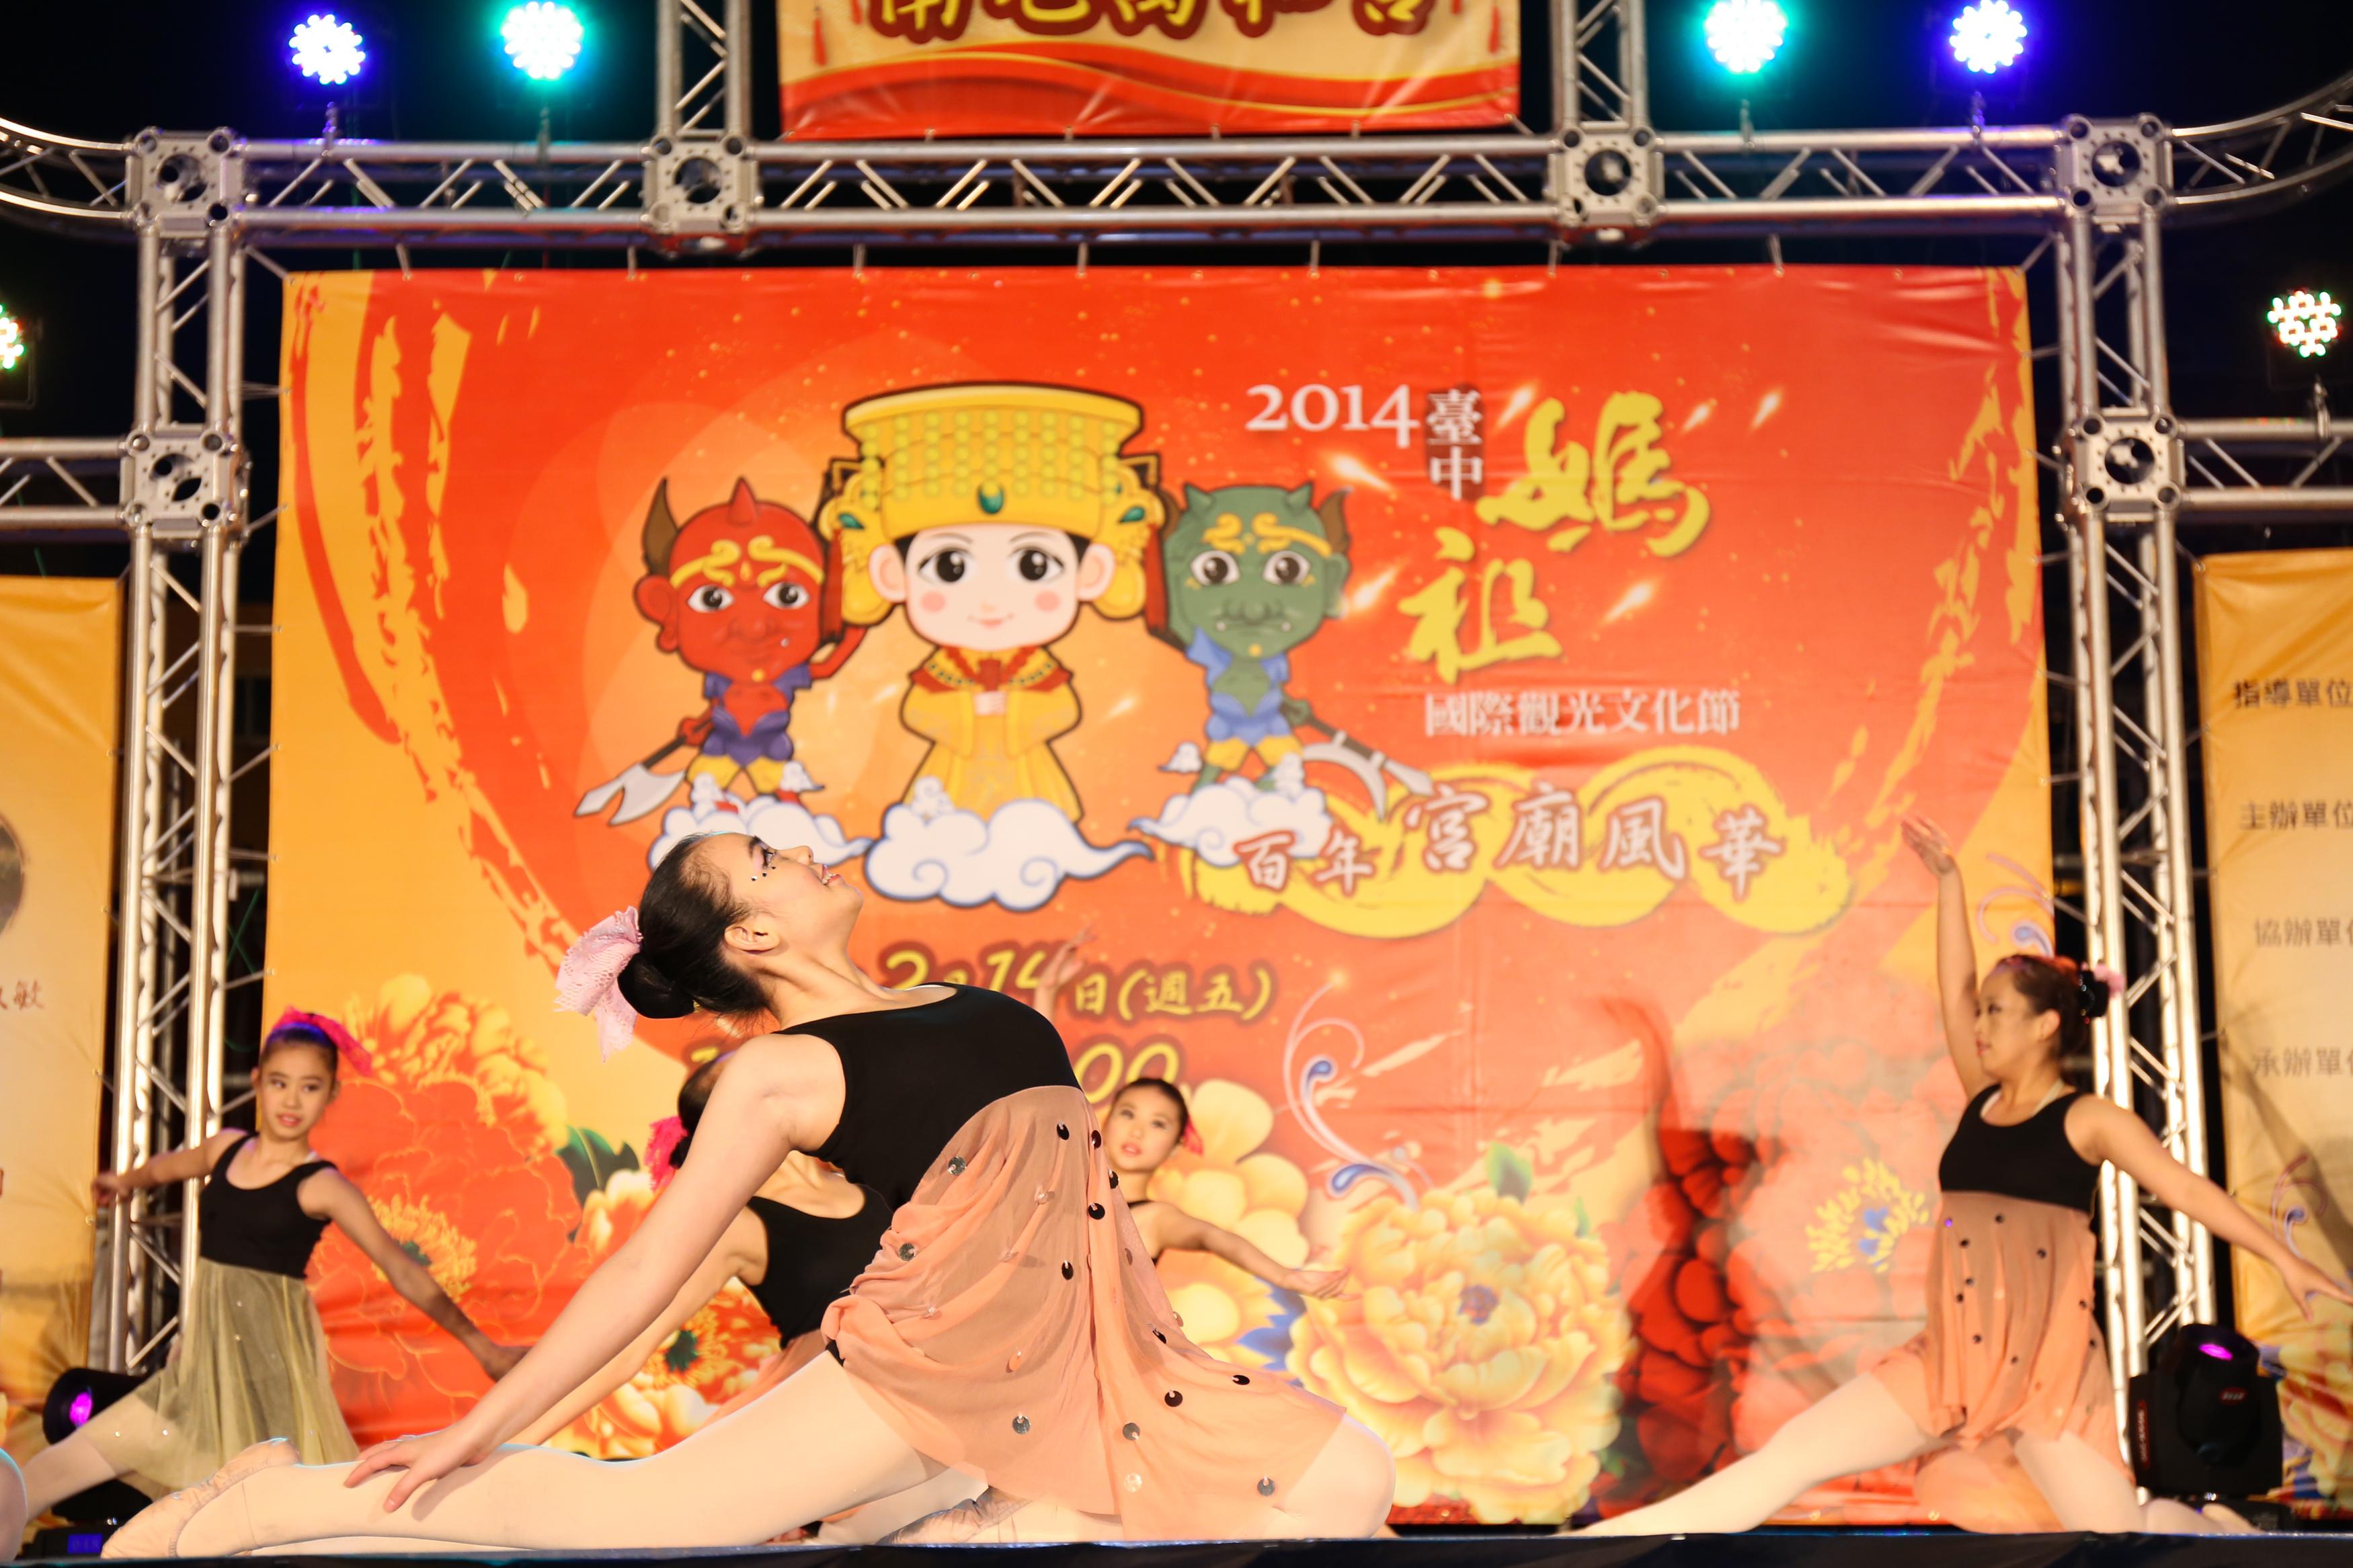 台中媽祖國際觀光文化節在萬和宮,台中婚錄推薦14